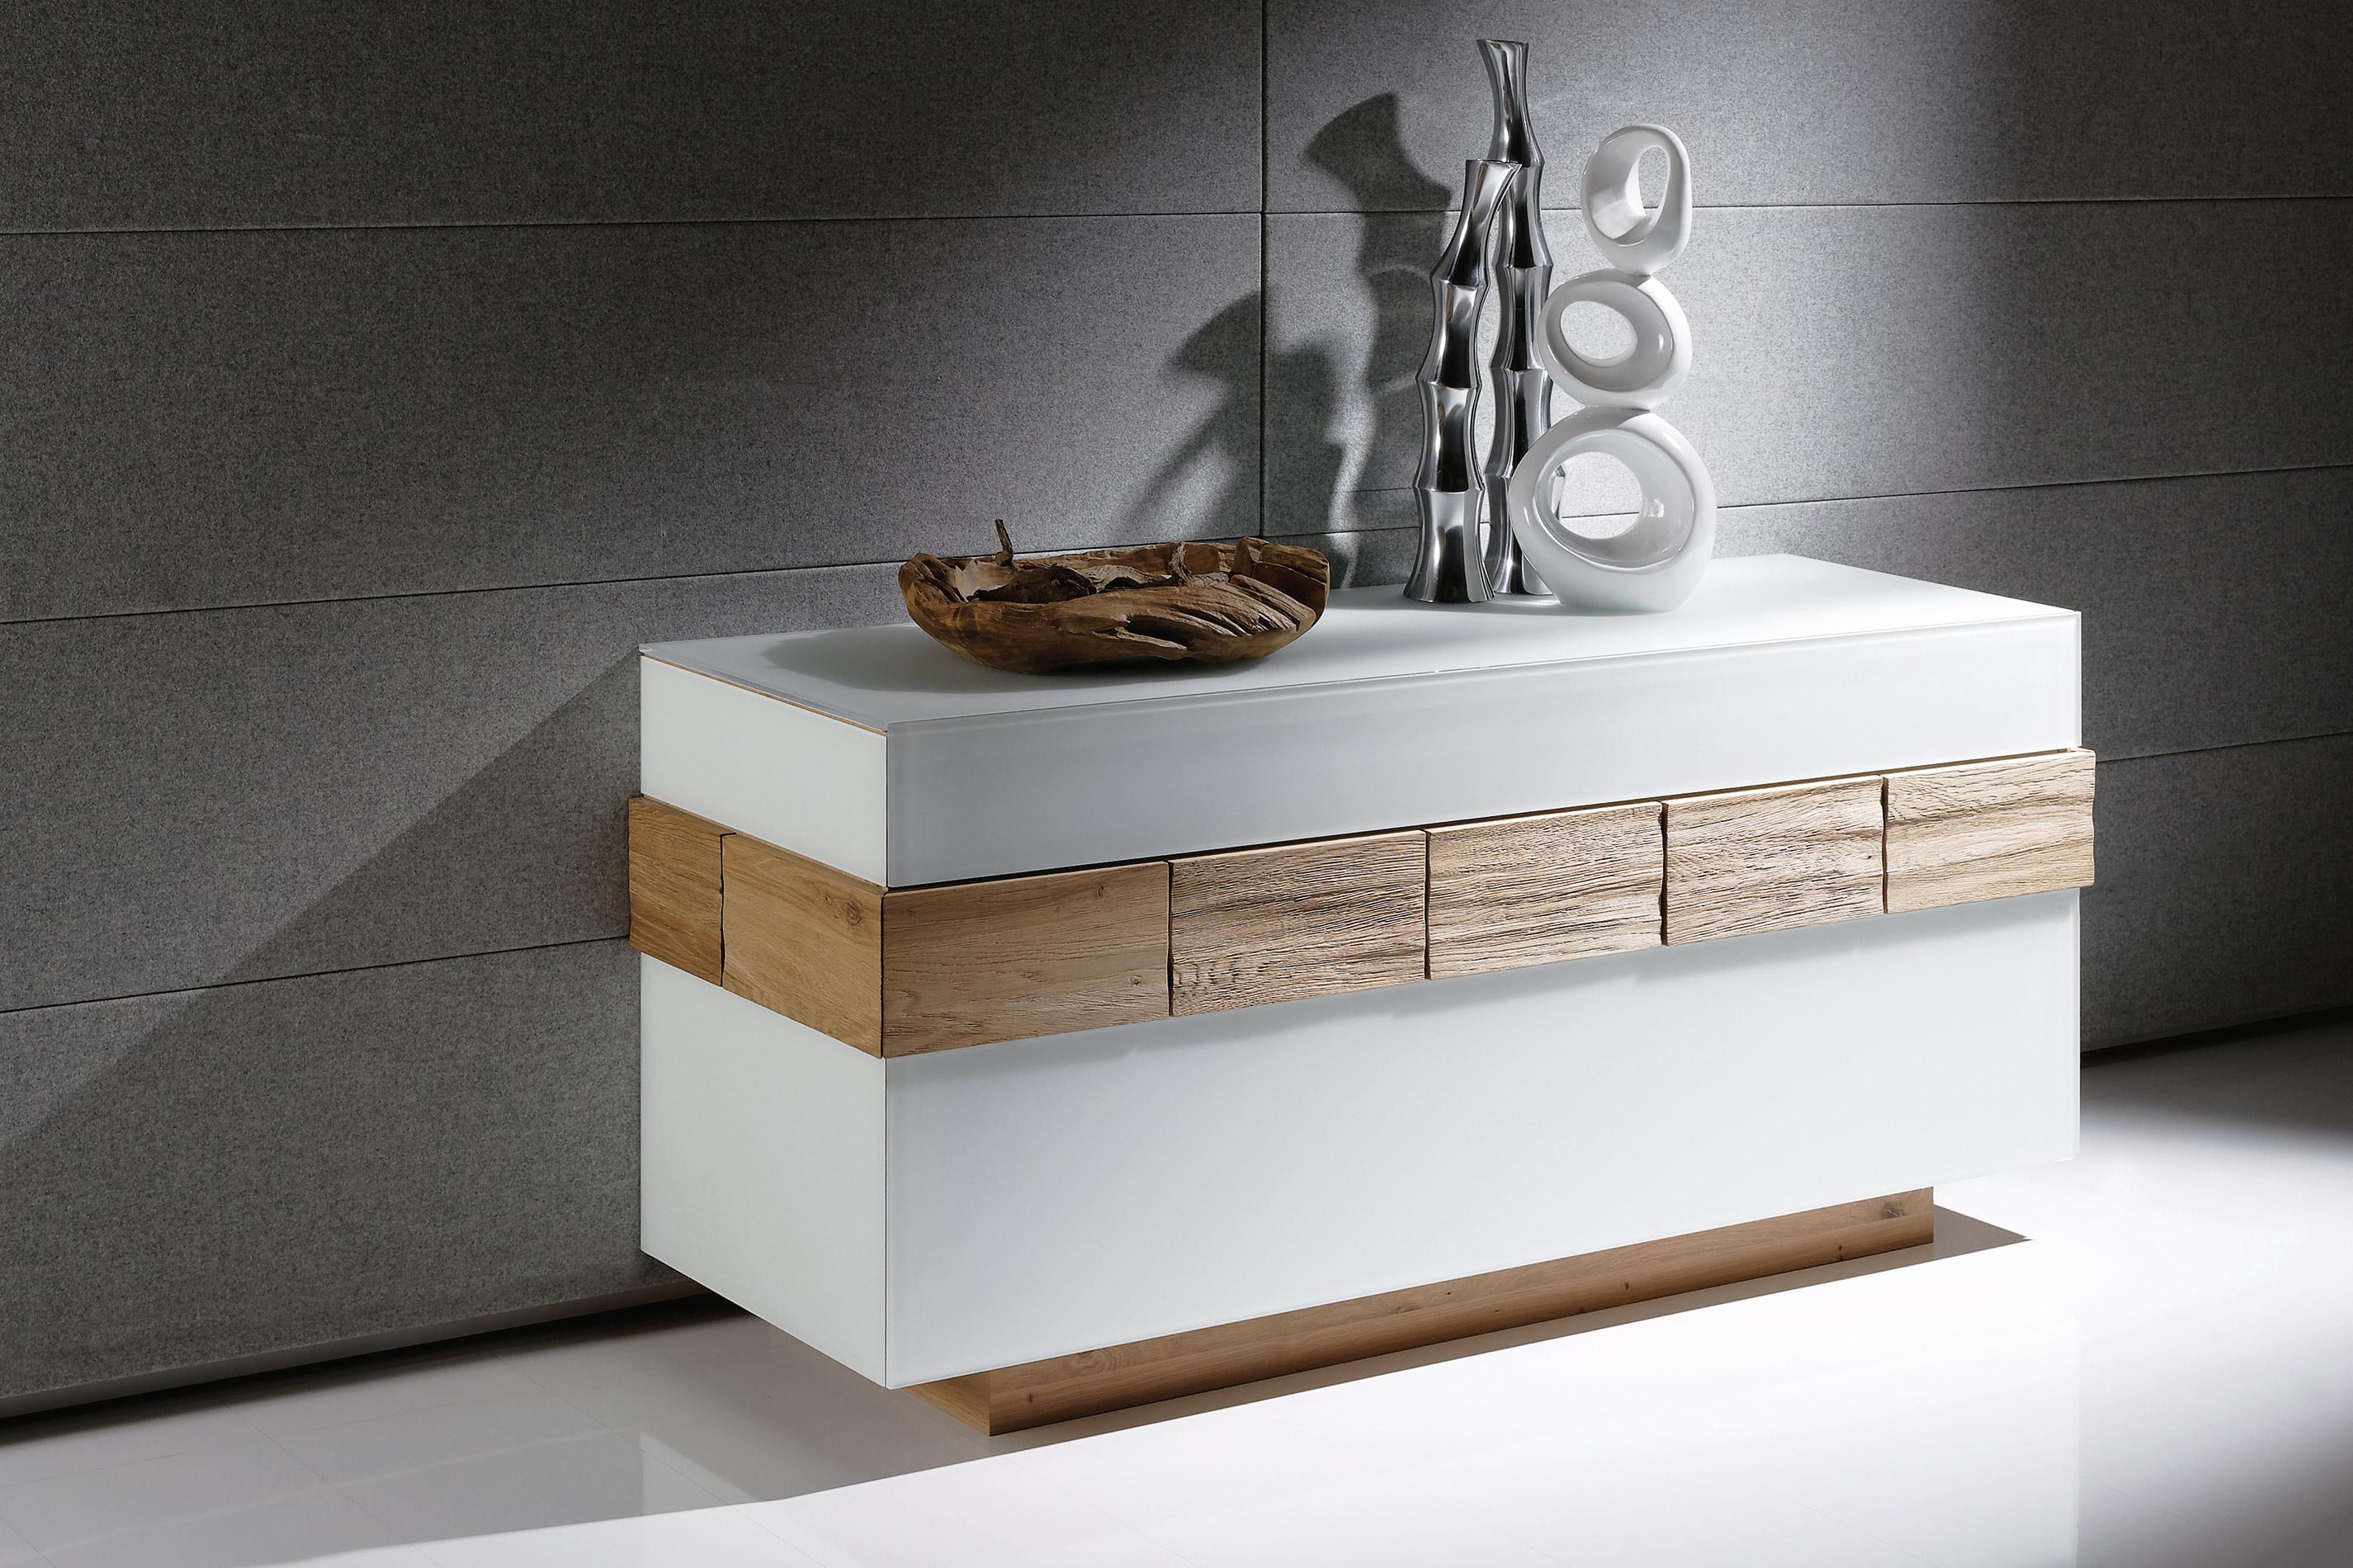 sideboard v montana 160 wildeiche optiwhite von voglauer. Black Bedroom Furniture Sets. Home Design Ideas